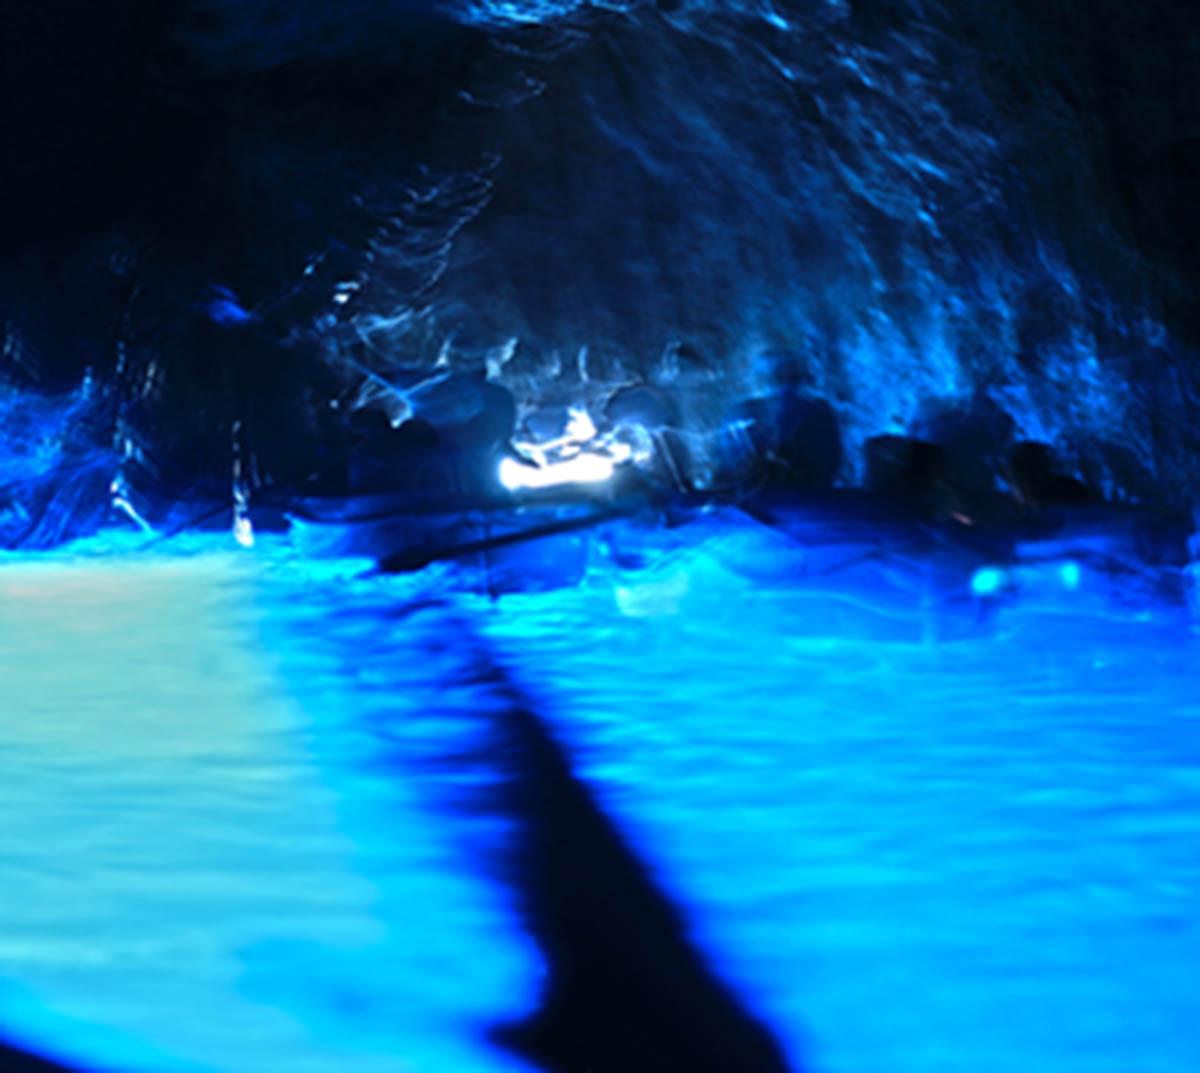 Vita Espirituale of Grotta Azzurra artwork by Felipe Moraes - art listed for sale on Artplode